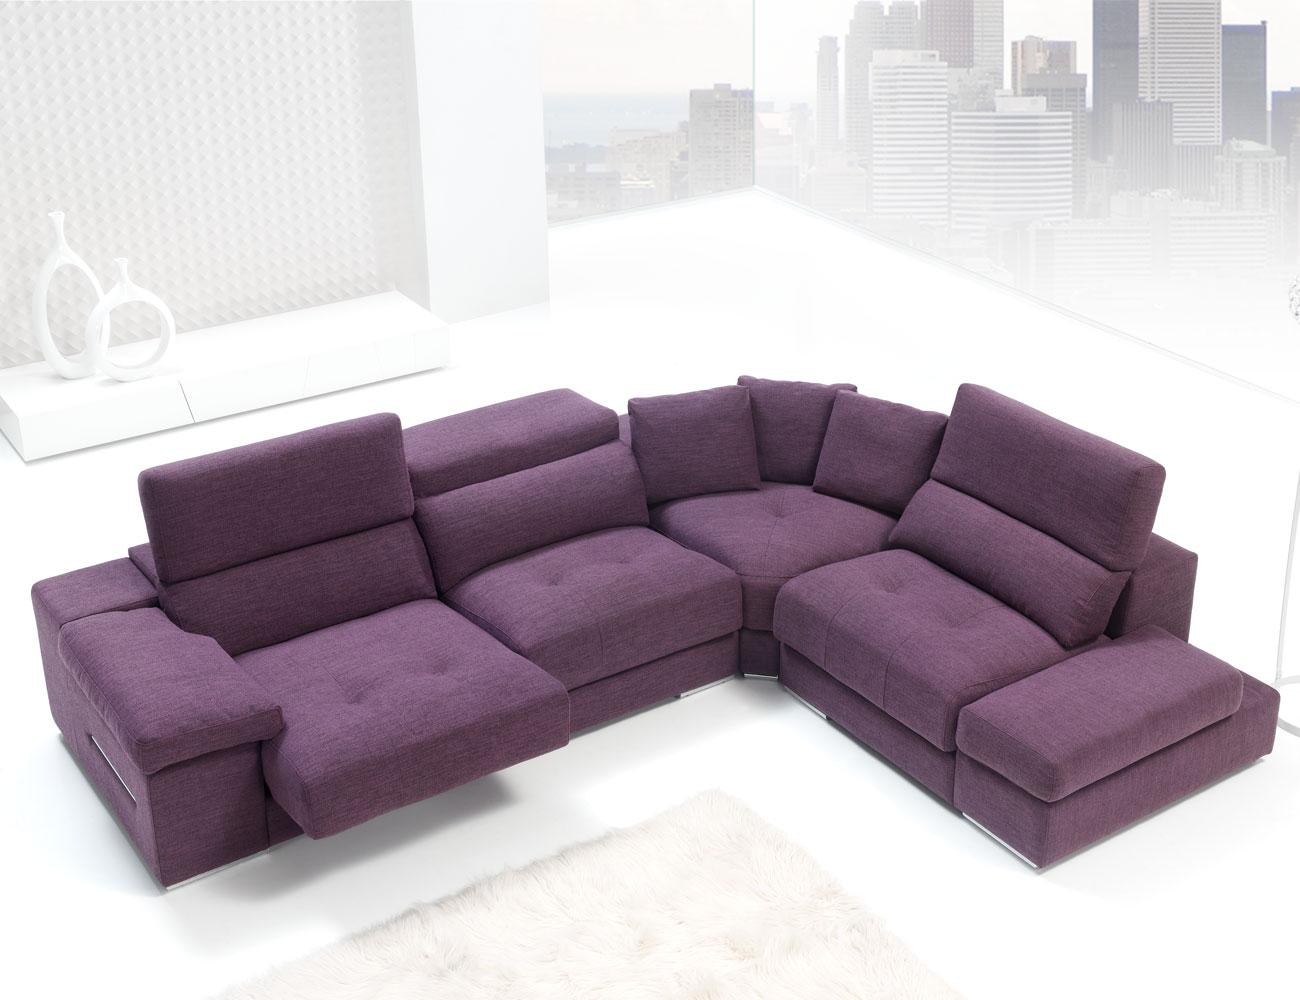 Sofa chaiselongue rincon con brazo mecanico tejido anti manchas 245